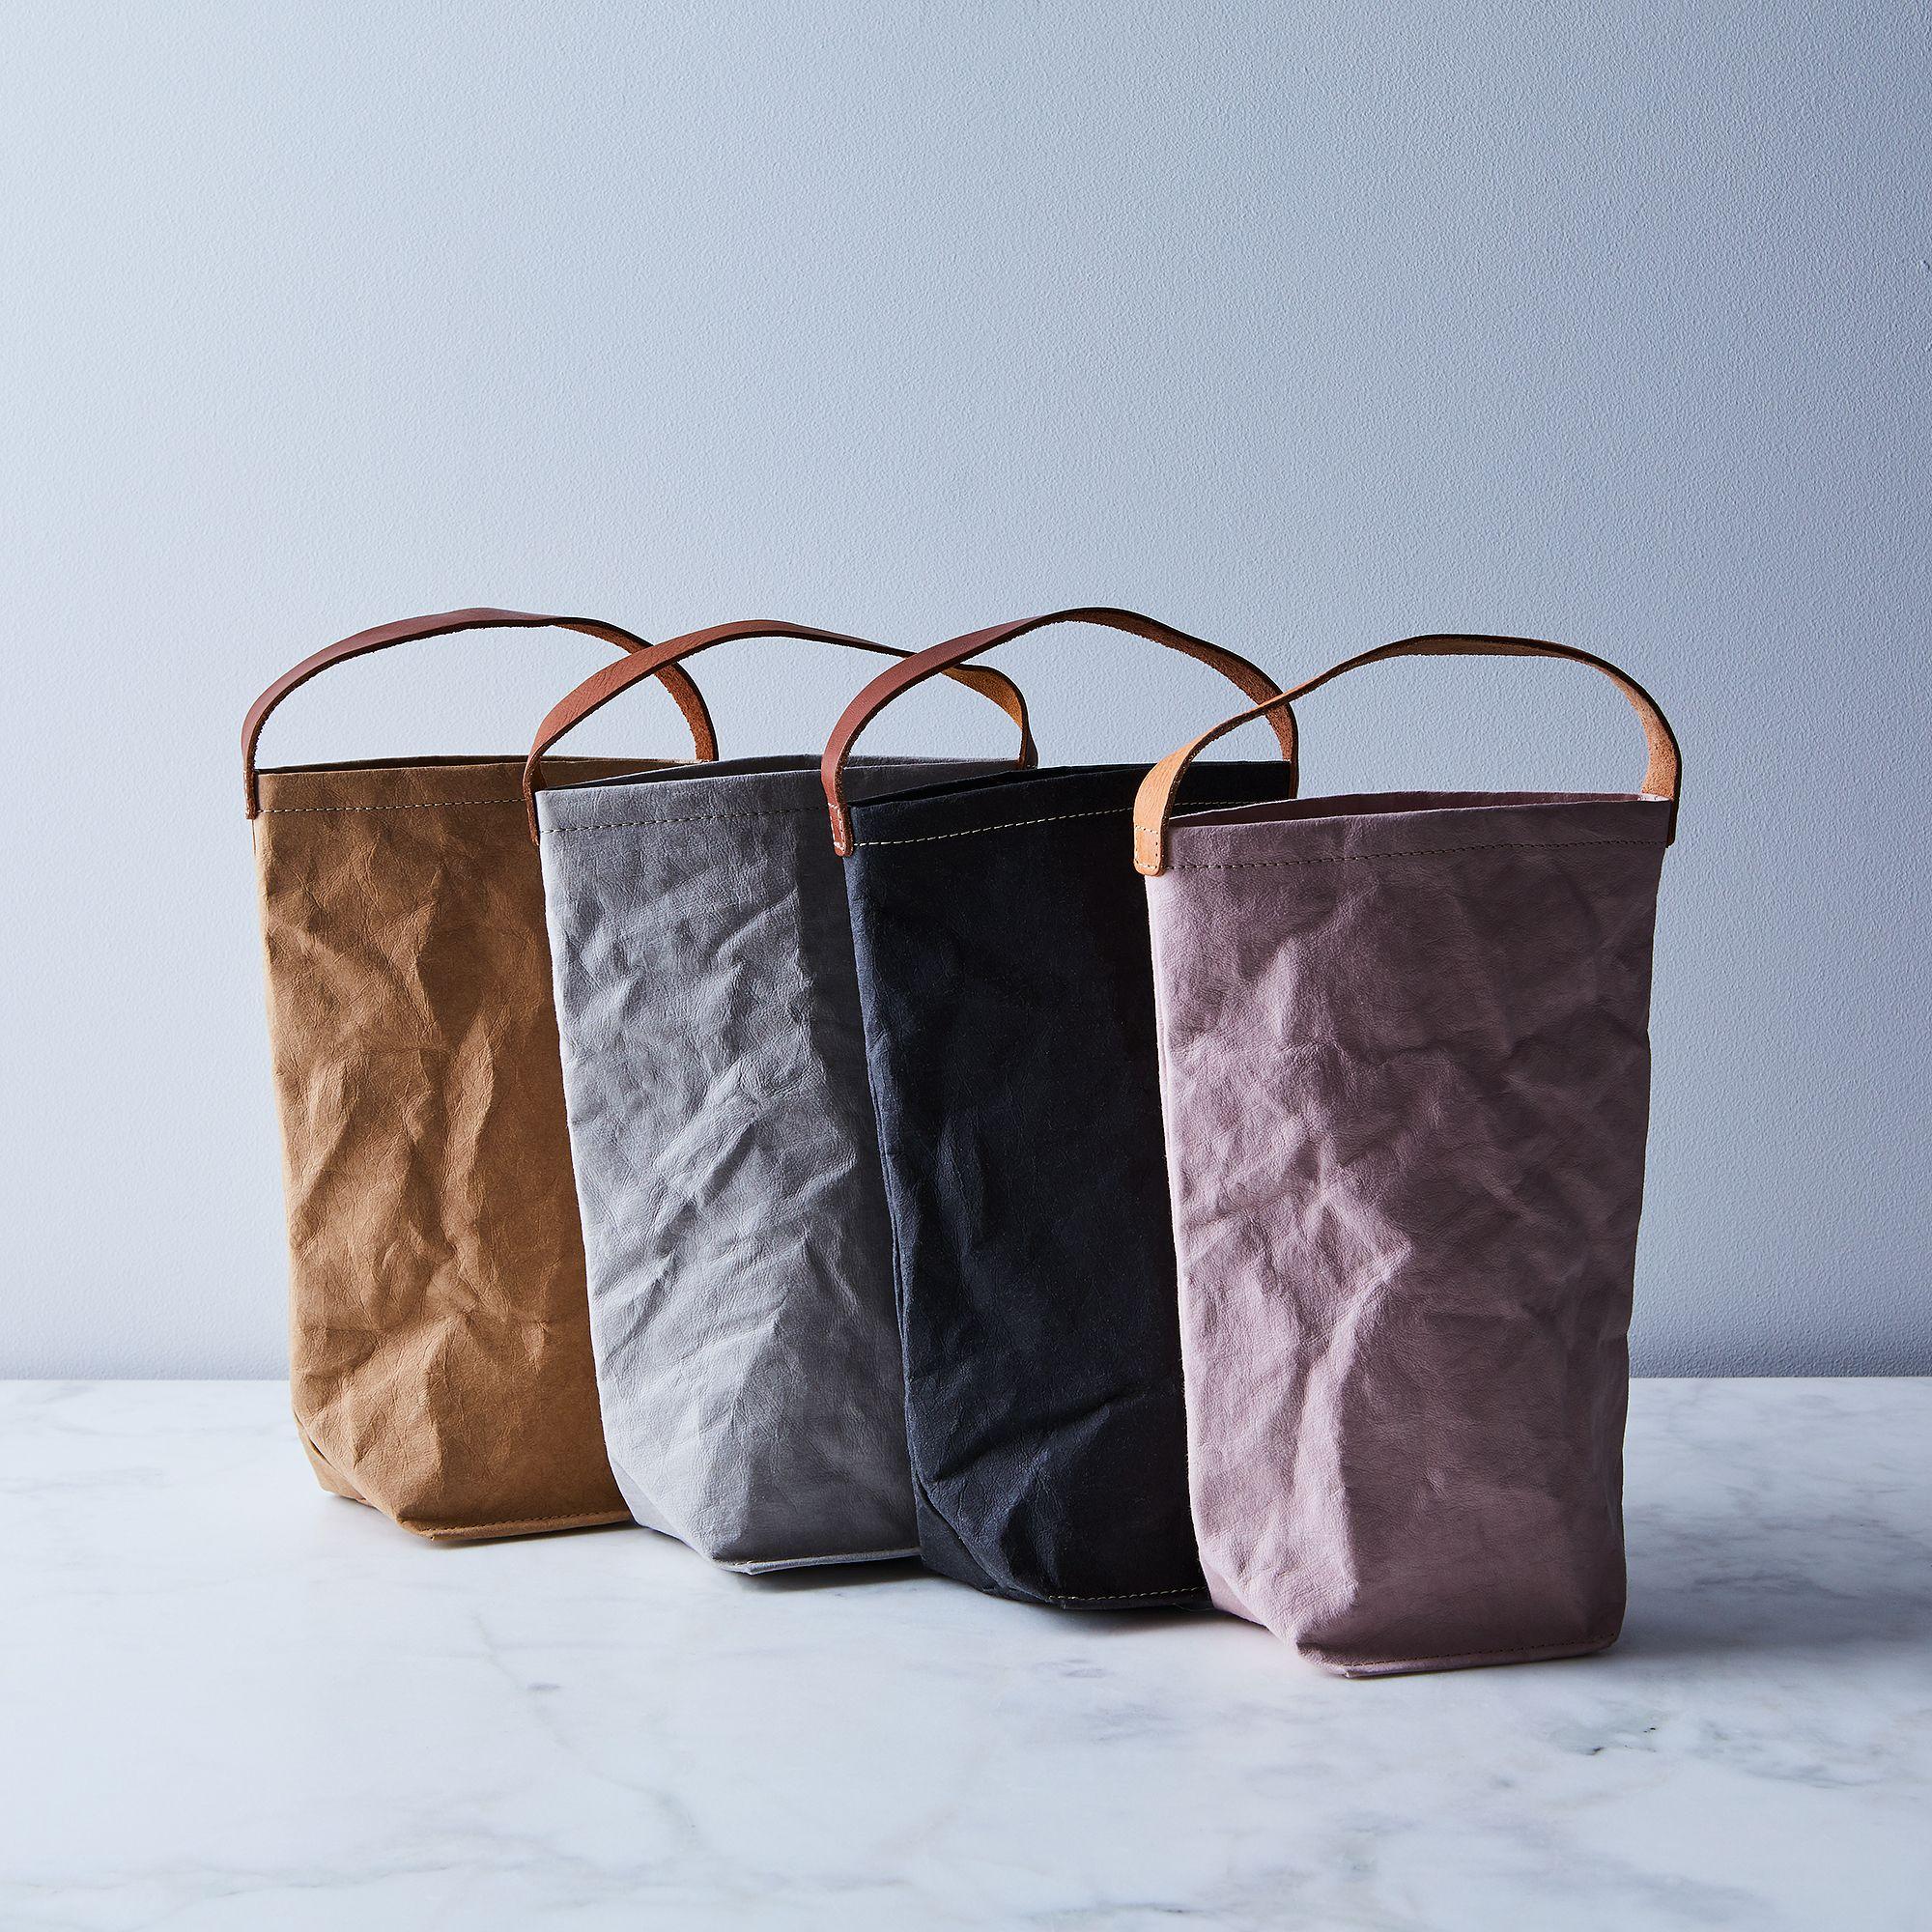 7957cd3f24d Wine Bag   Cooler on Food52